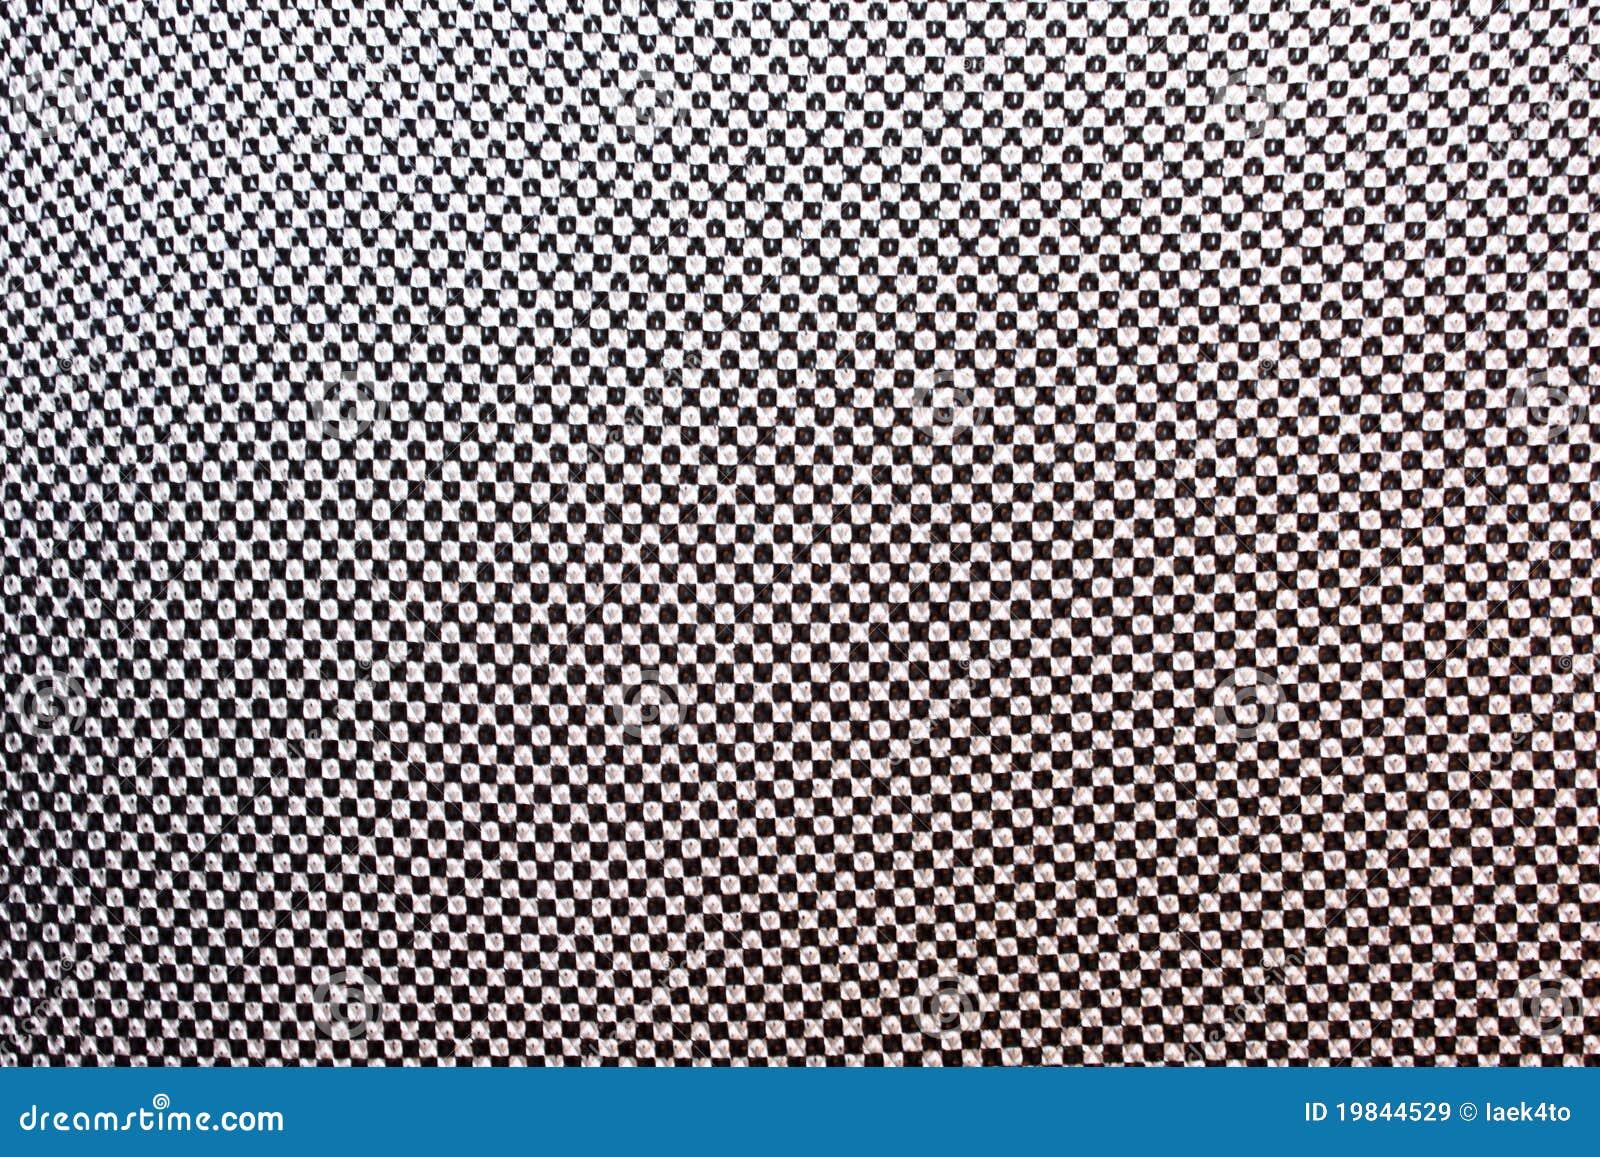 Kevlar Stock Image Image Of Design Luxury Metal Carbon